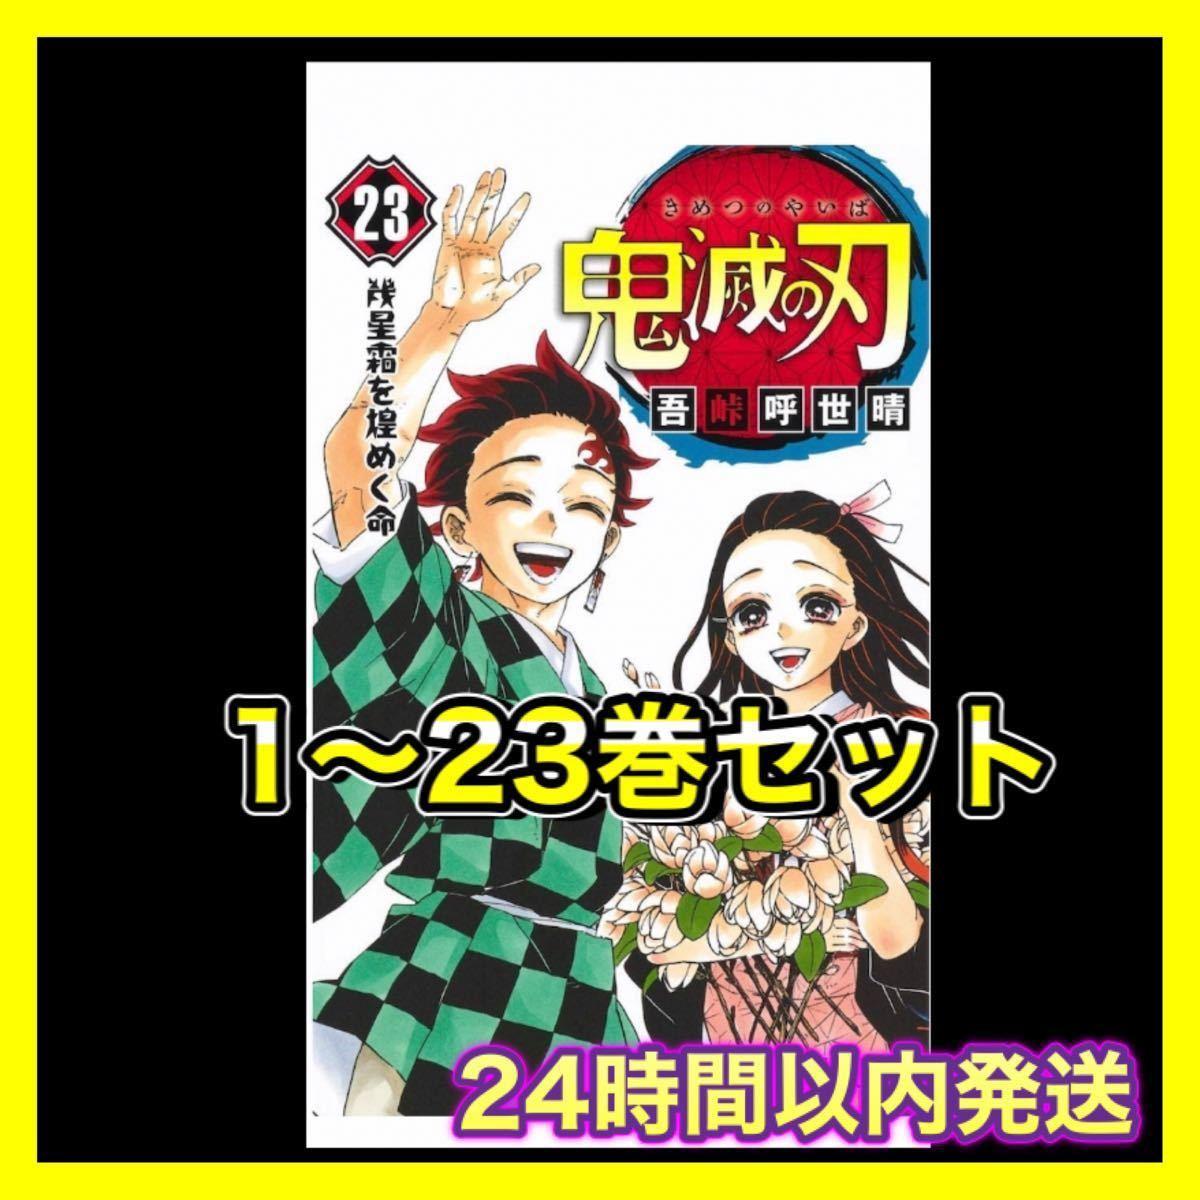 鬼滅の刃 全巻 1〜23巻